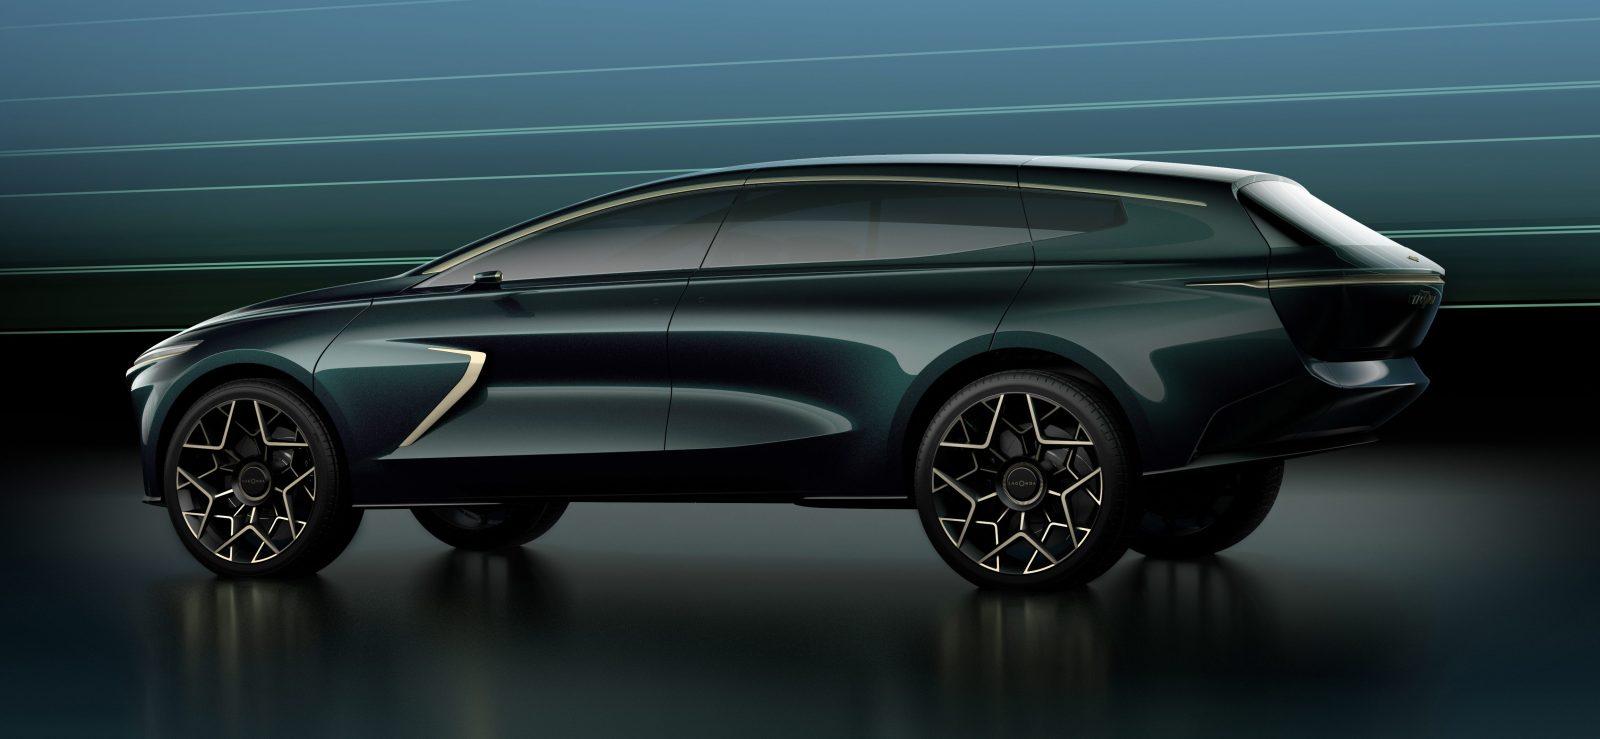 Aston Martin Reveals Lagonda All Terrain Electric Suv Concept